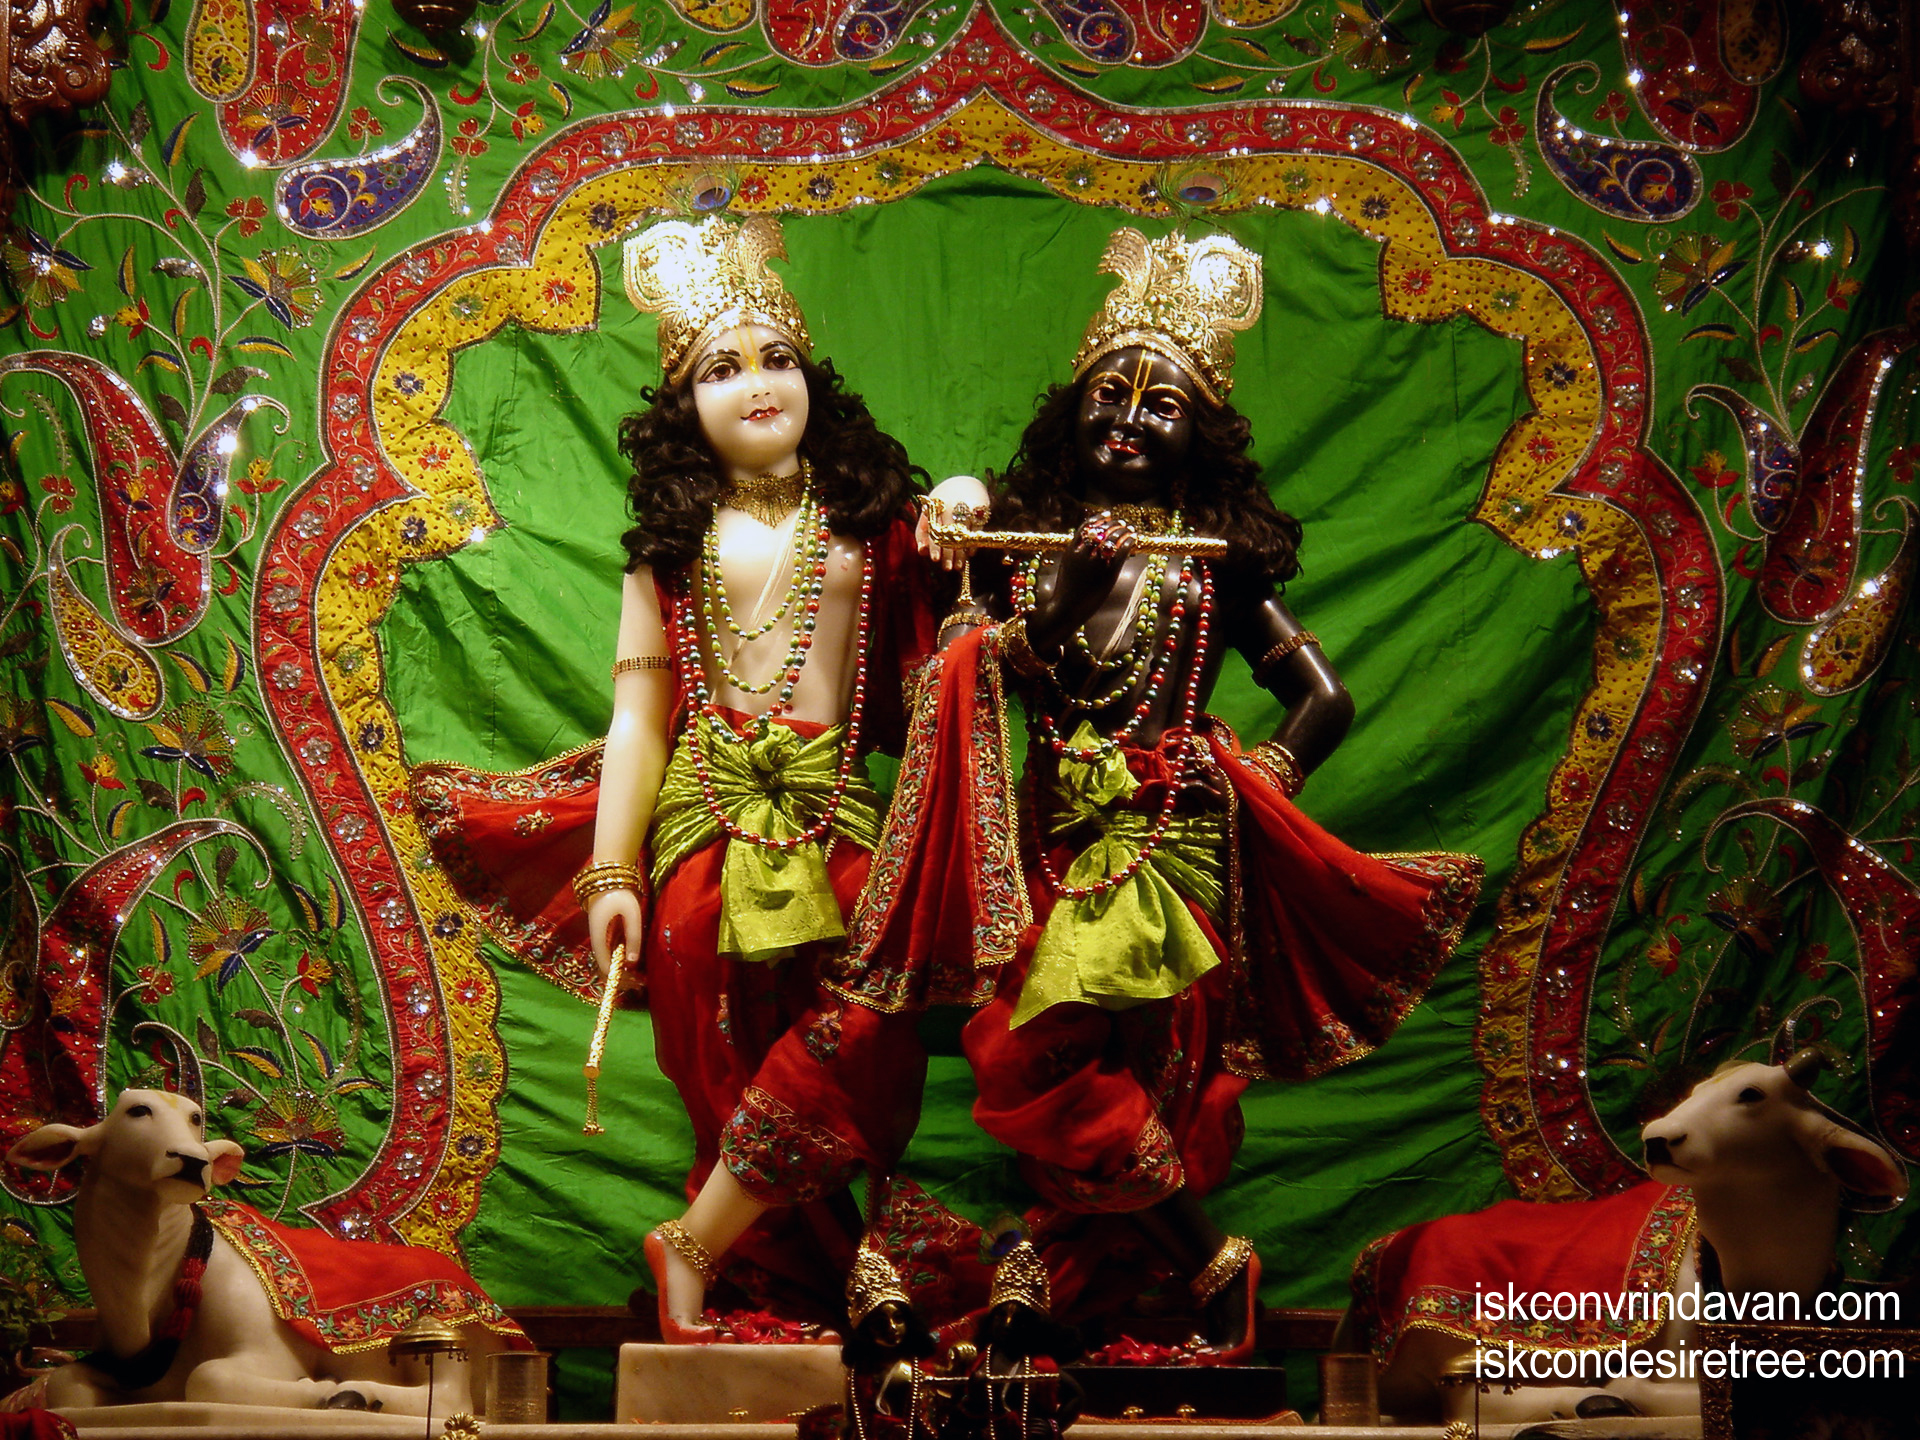 Sri Sri Krishna Balaram Wallpaper (066) Size 1920x1440 Download